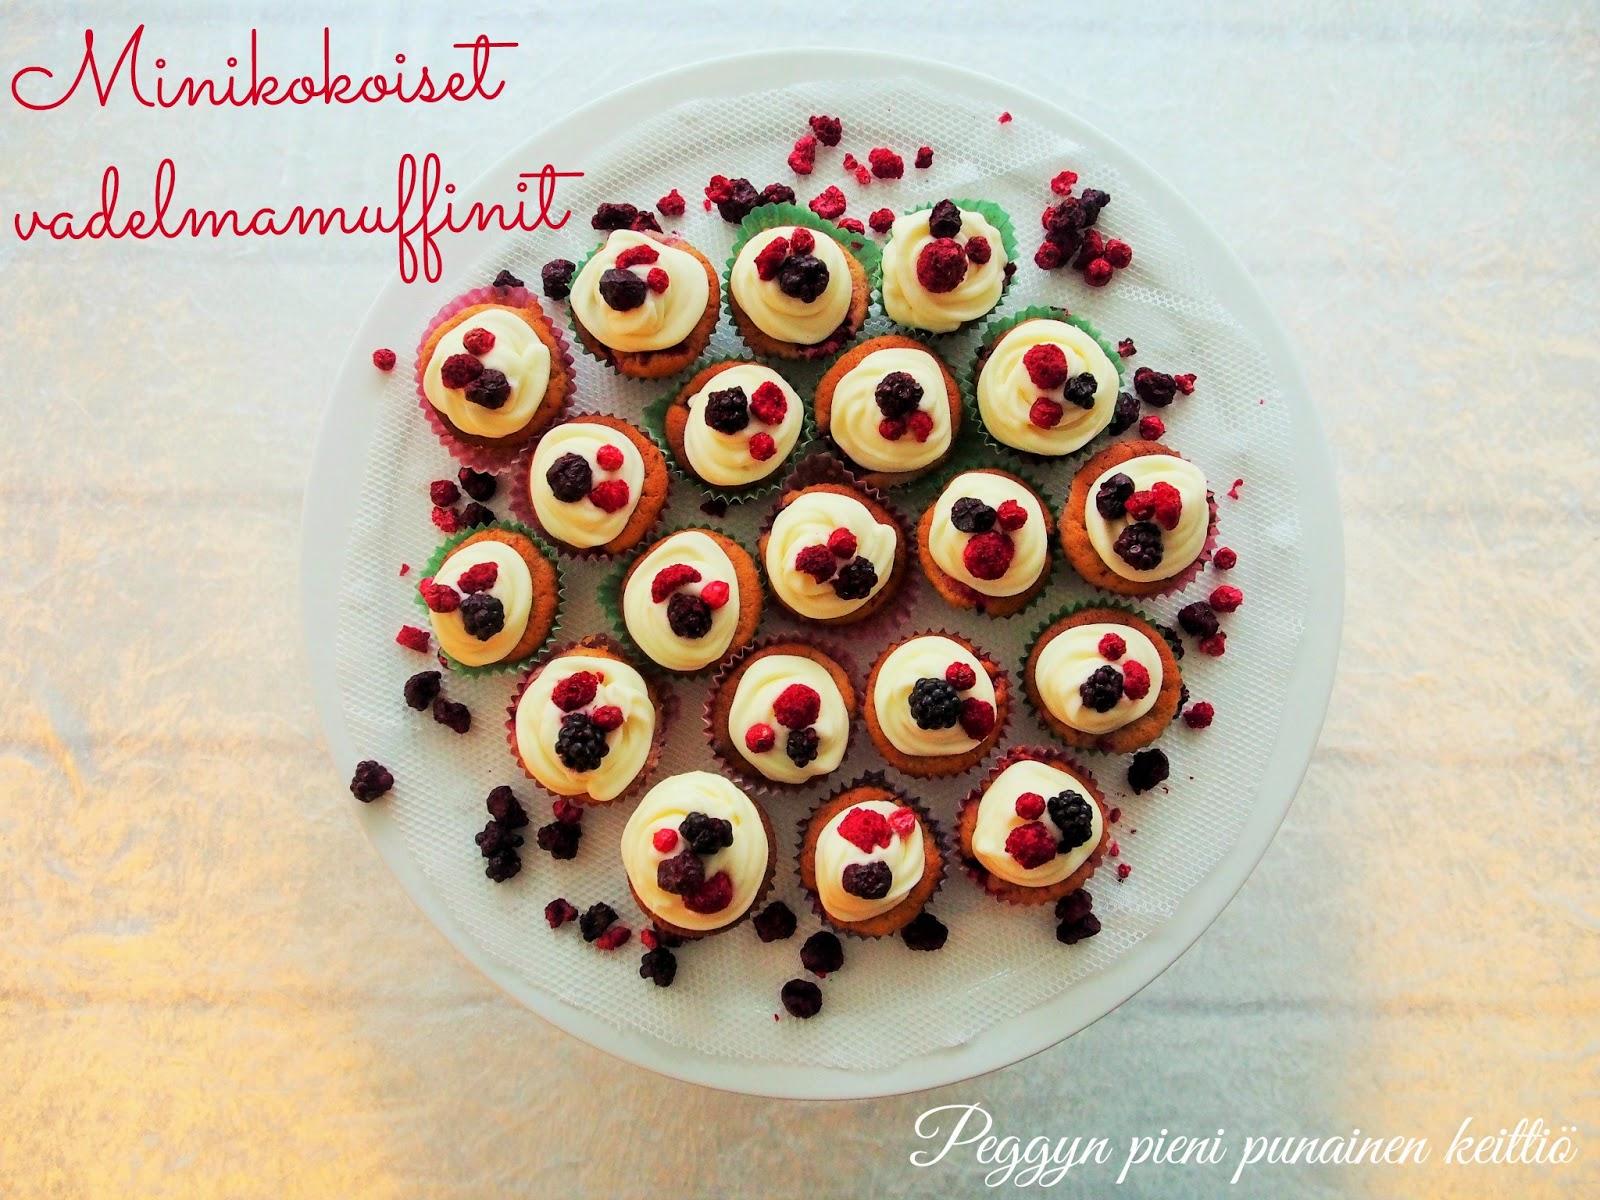 Minikokoiset vadelmamuffinit  Peggyn pieni punainen keittiö